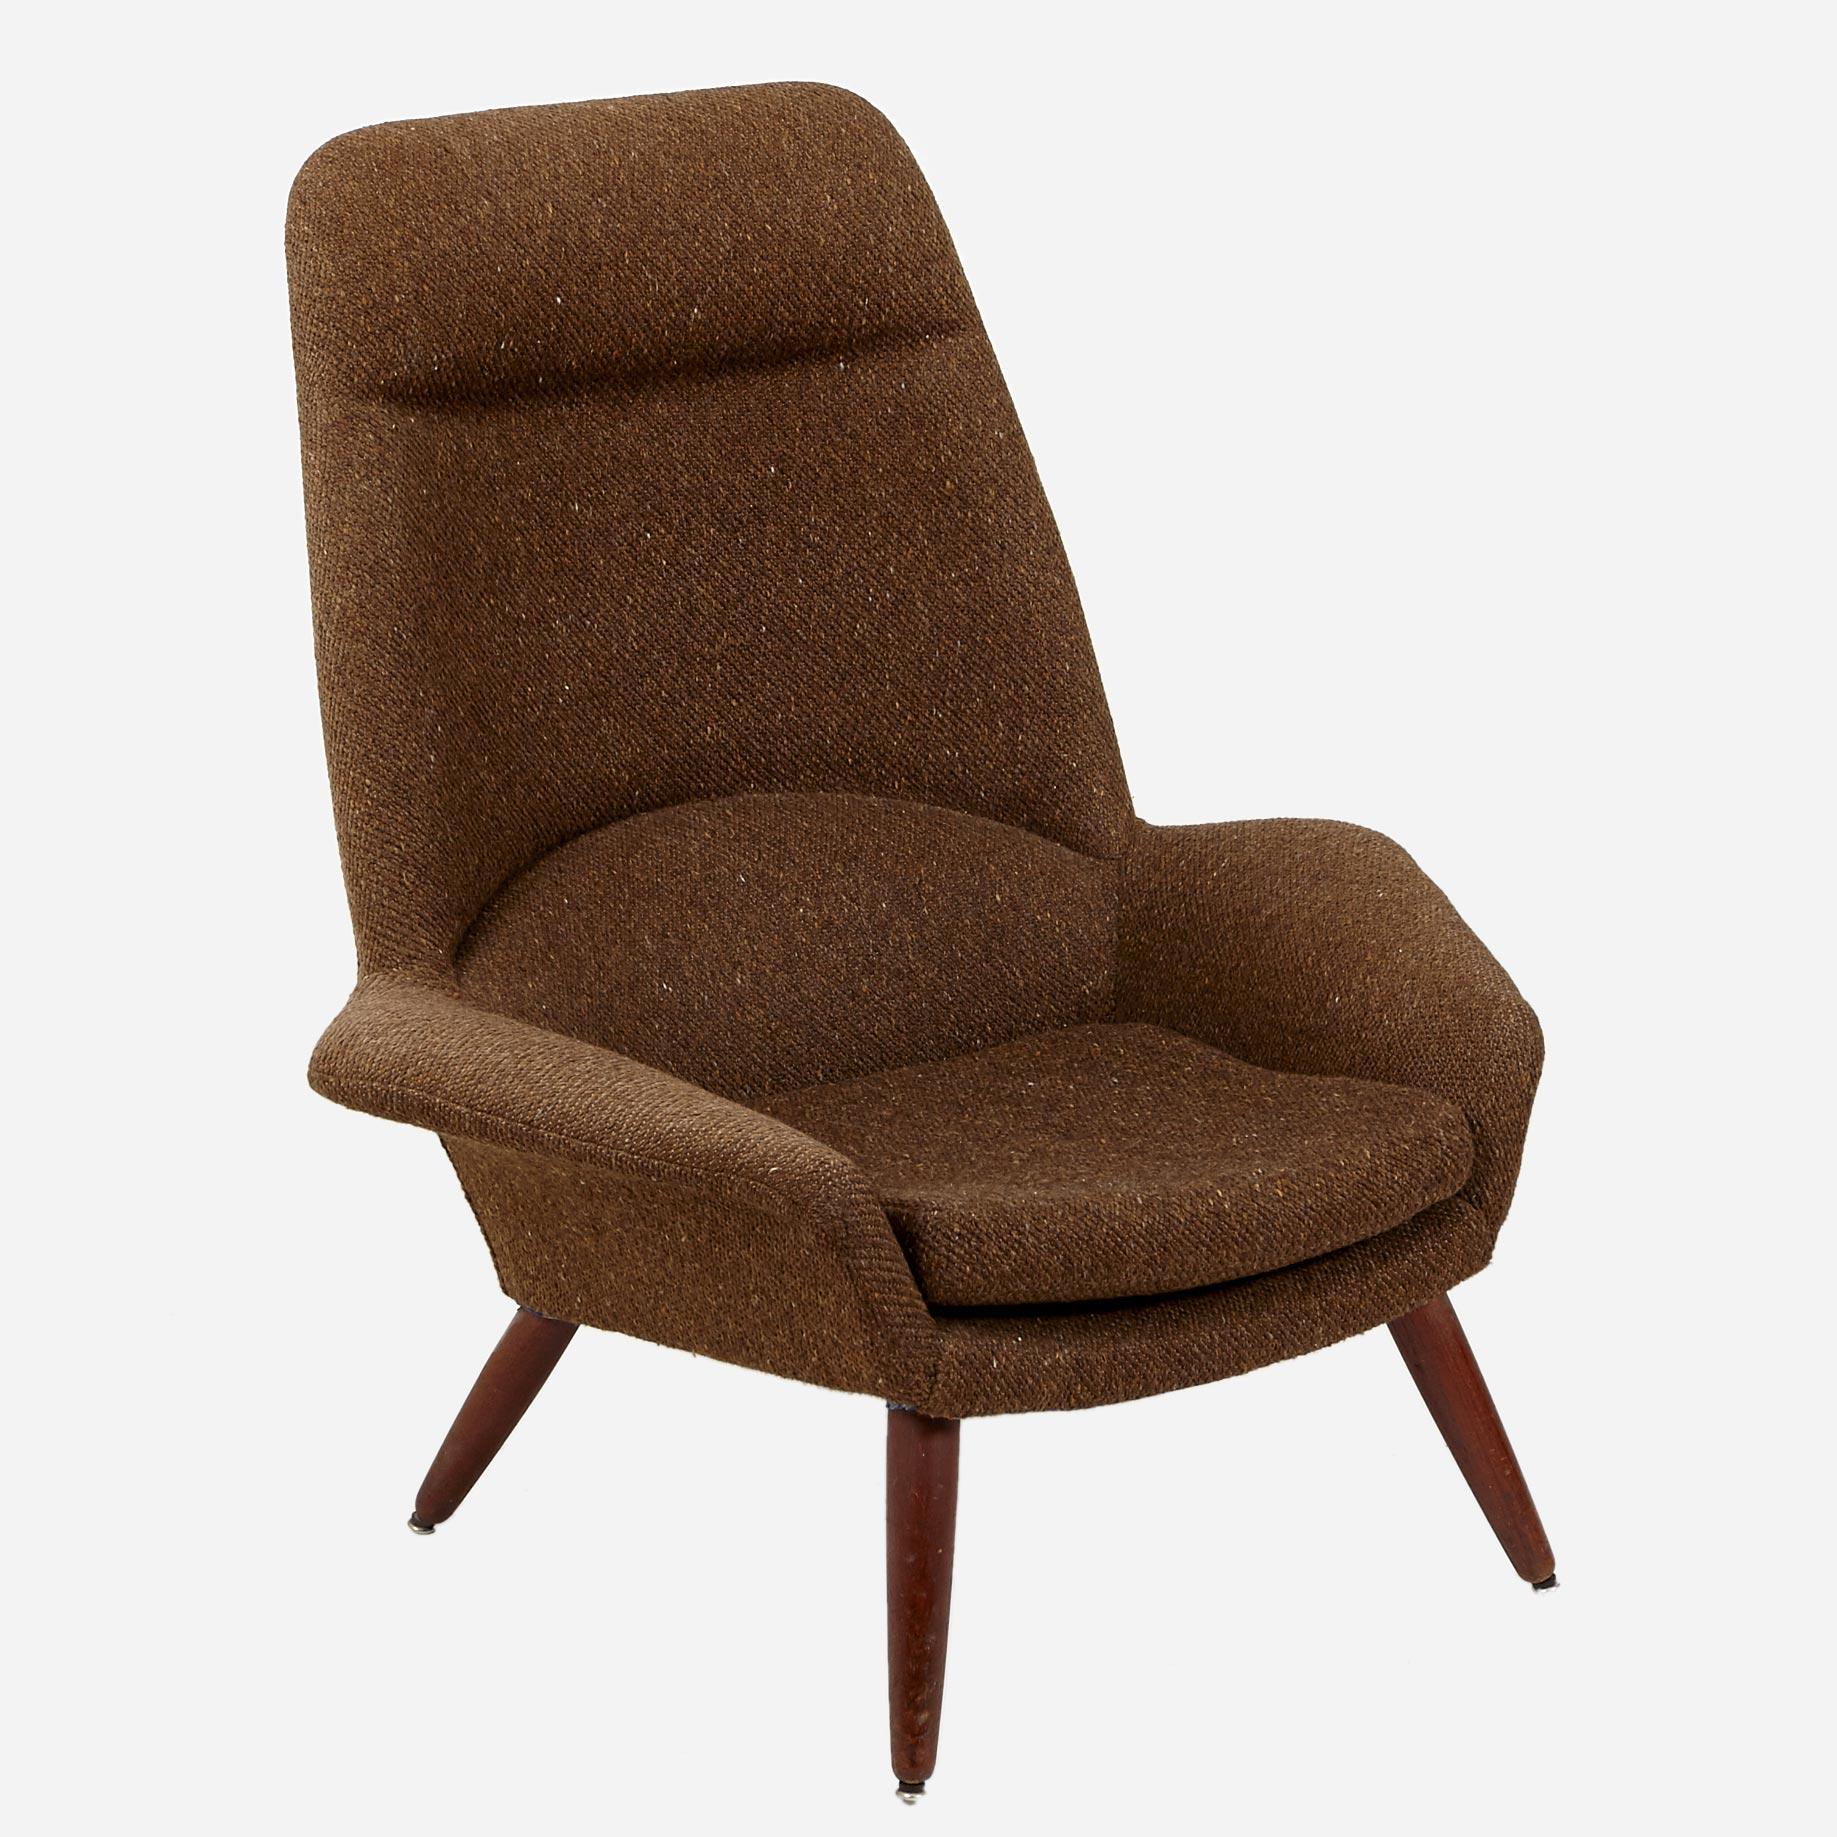 sessel mit braunem wollstoffbezug m bel z rich vintagem bel. Black Bedroom Furniture Sets. Home Design Ideas